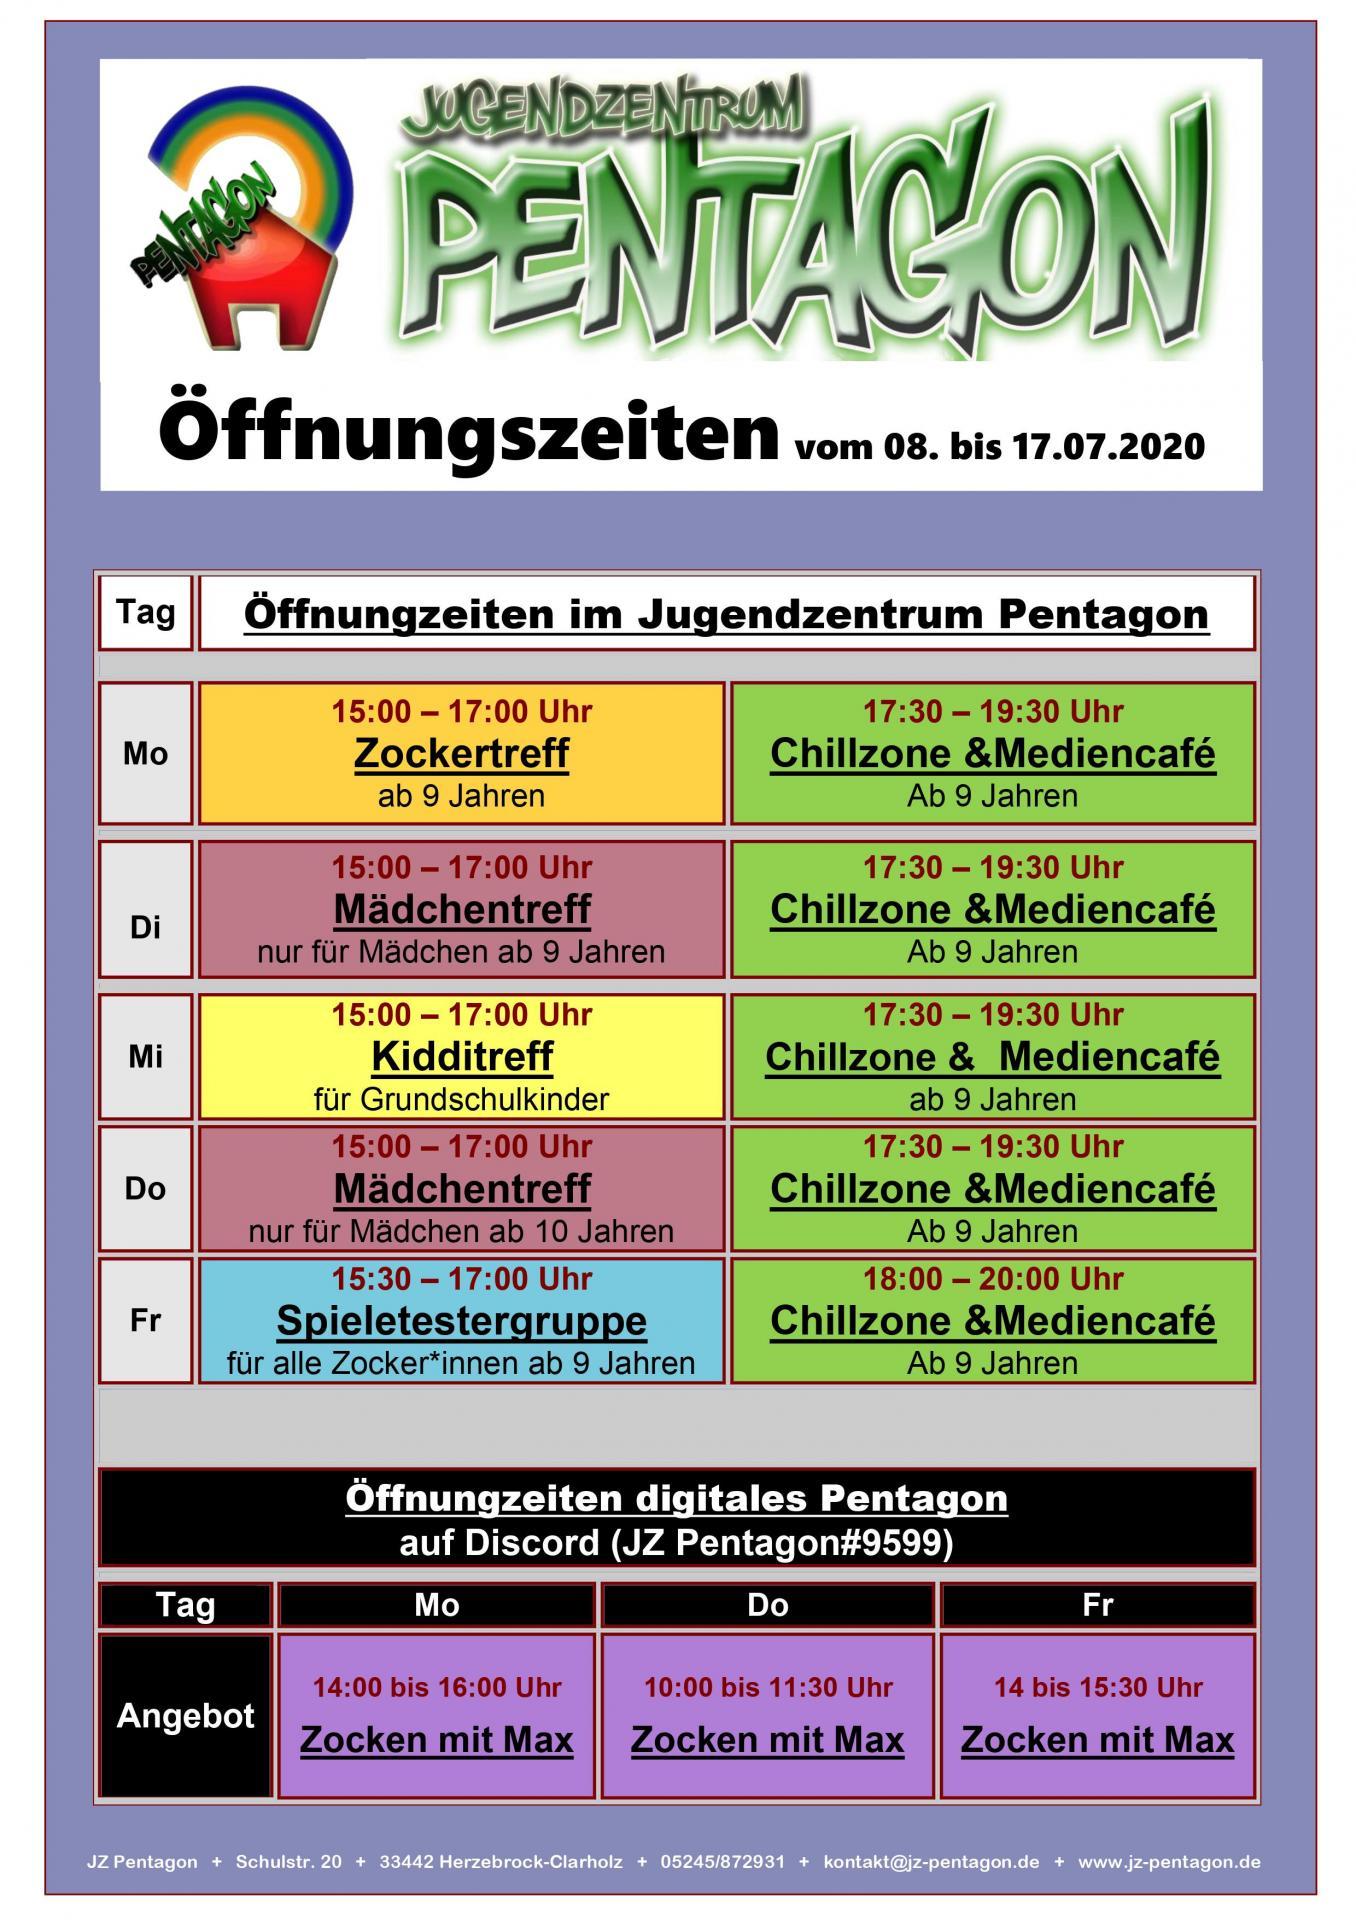 Öffnungszeiten vom 08. bis 17.07.20